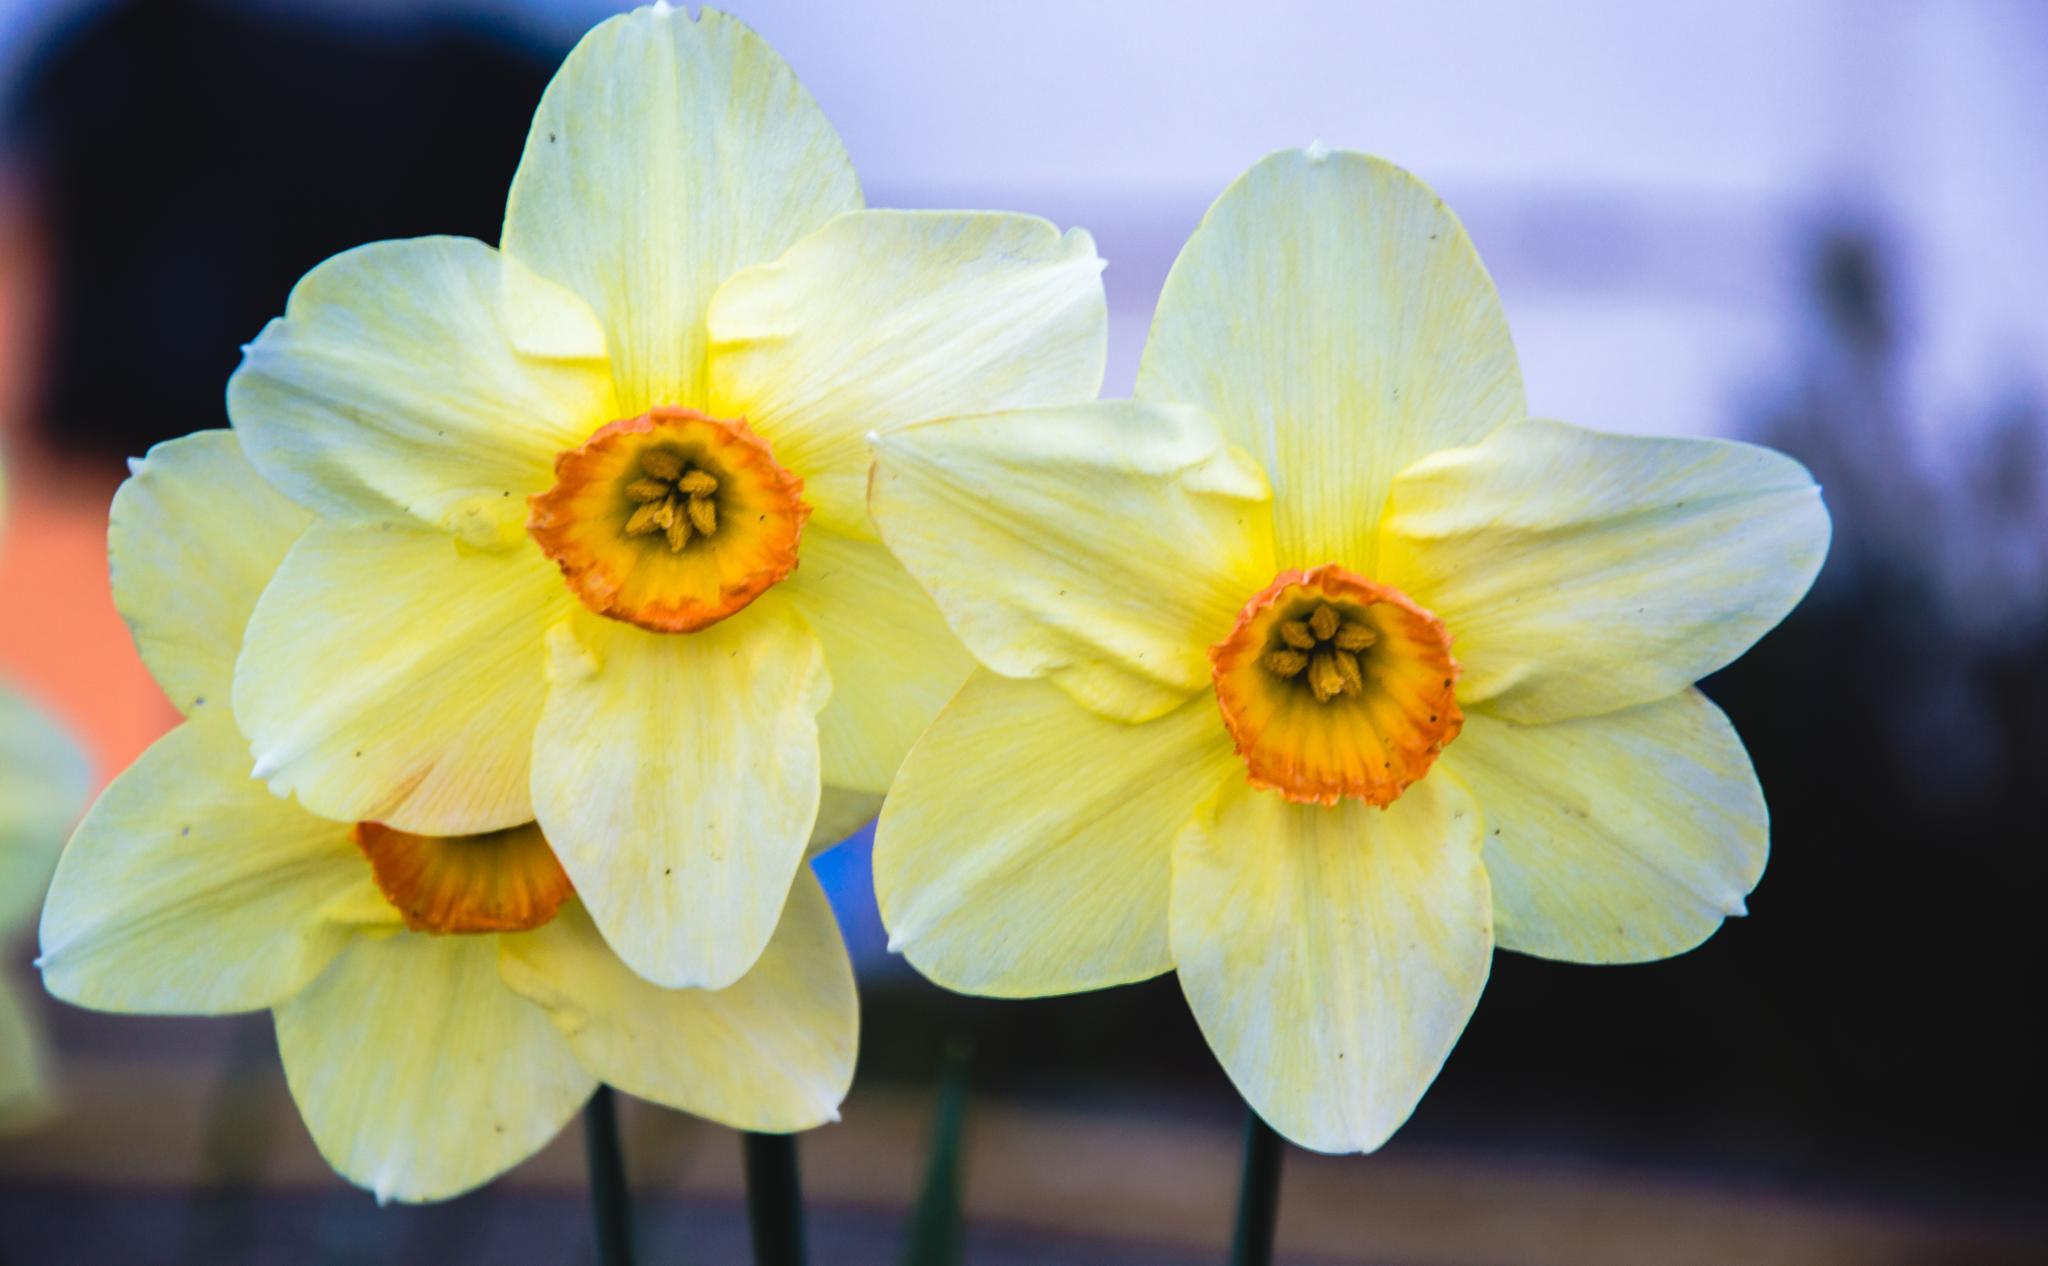 yellow flower by Josip Krizanic